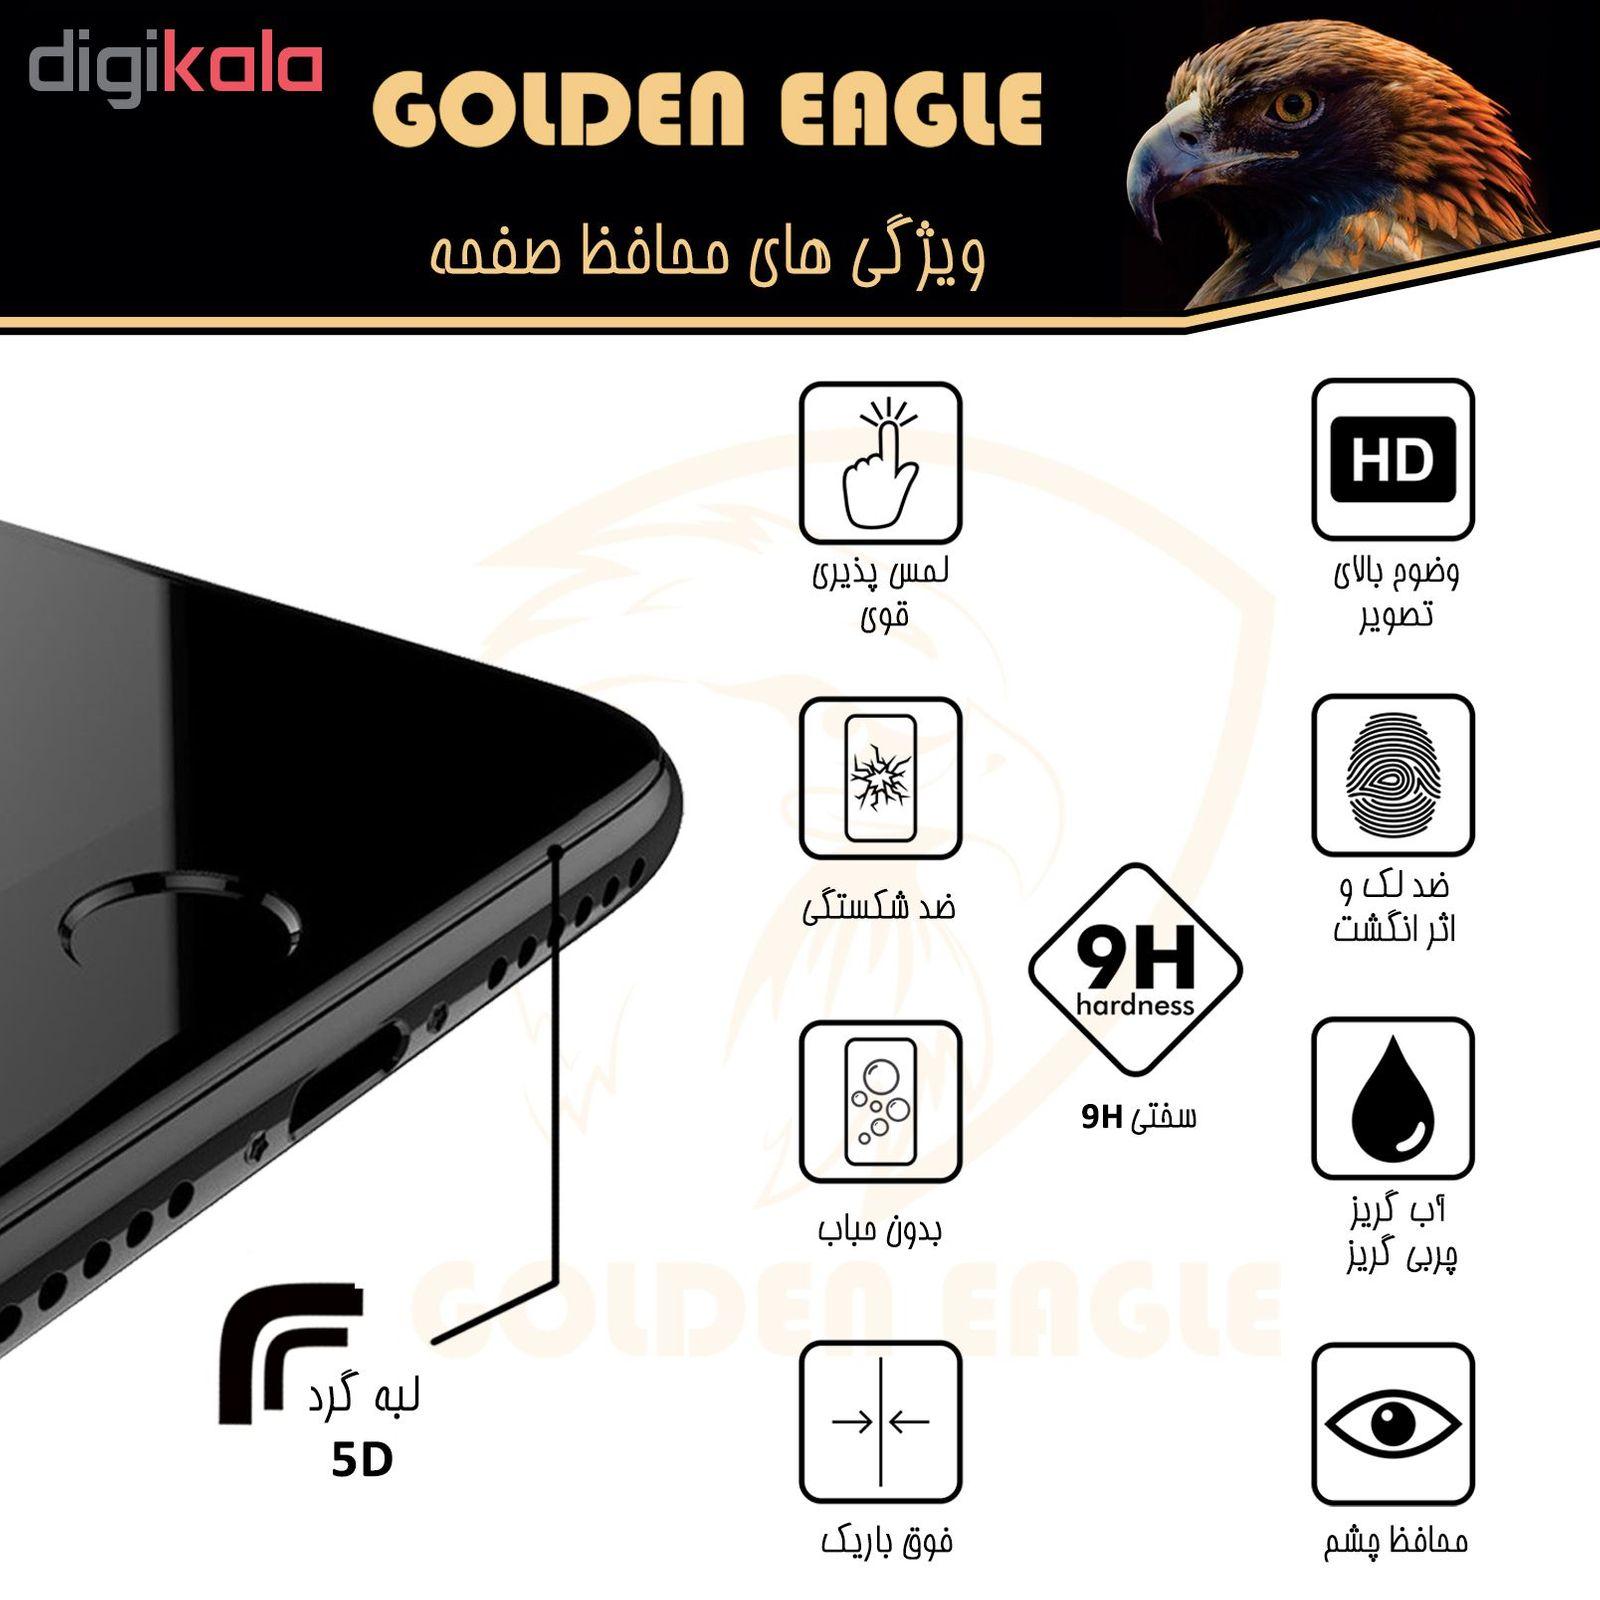 محافظ صفحه نمایش گلدن ایگل مدل DFC-X1 مناسب برای گوشی موبایل اپل iPhone SE main 1 4